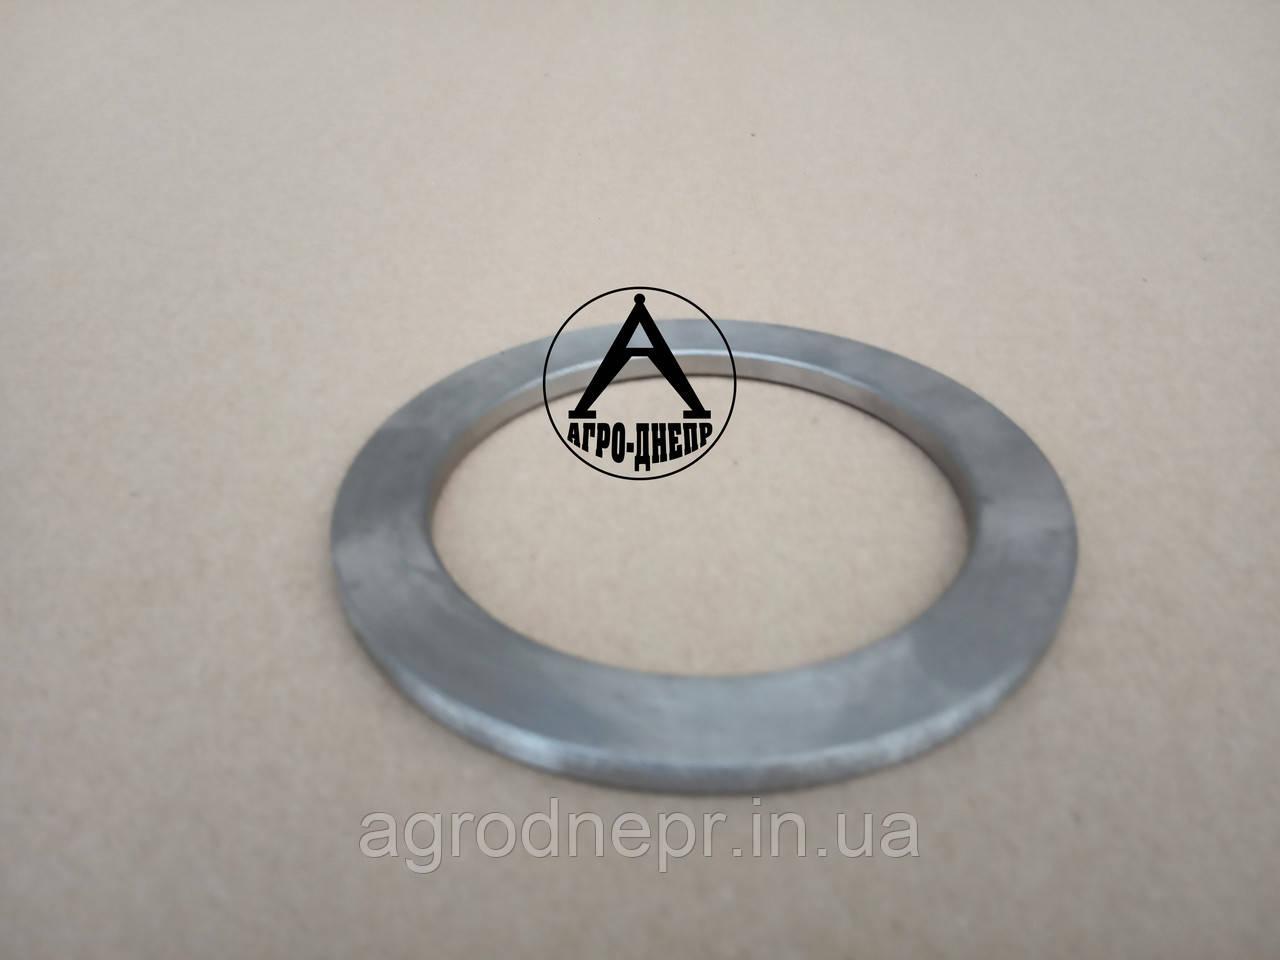 BAG00005 Кольцо зажимное дисковой бороны QUIVOGNE (шайба)